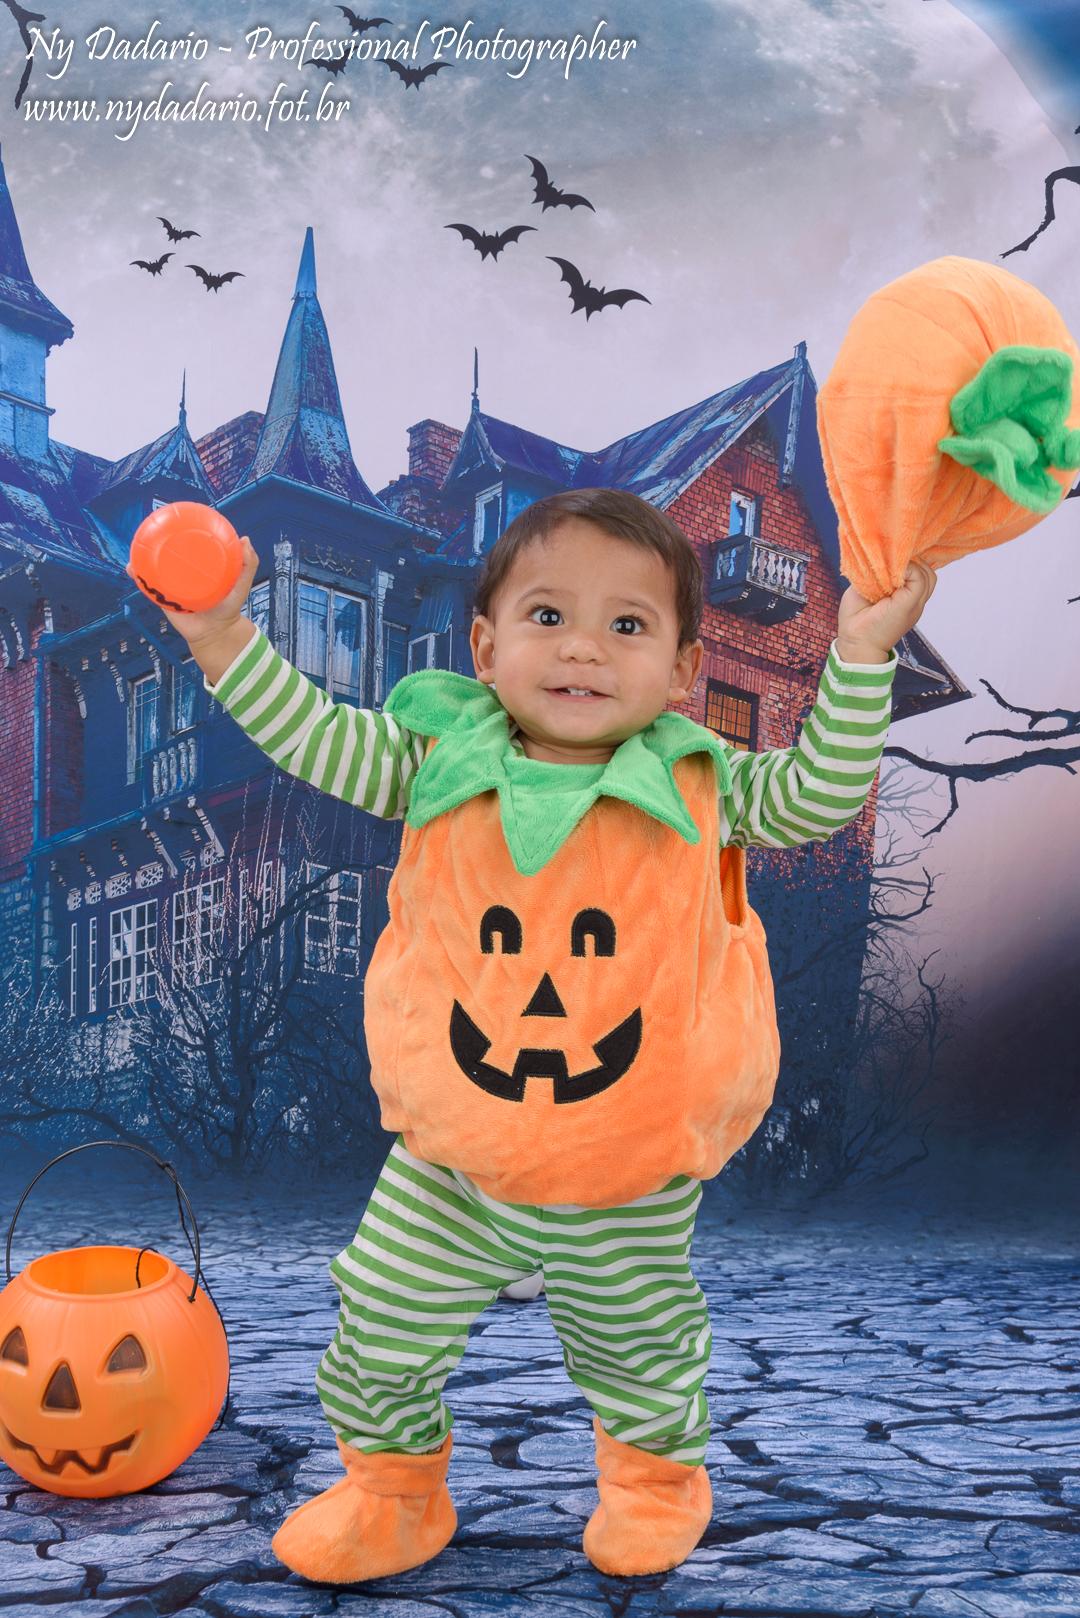 Ensaio Fotográfico de Halloween - Dia das Bruxas - em estúdio fotográfico localizado no tatuapé, zon